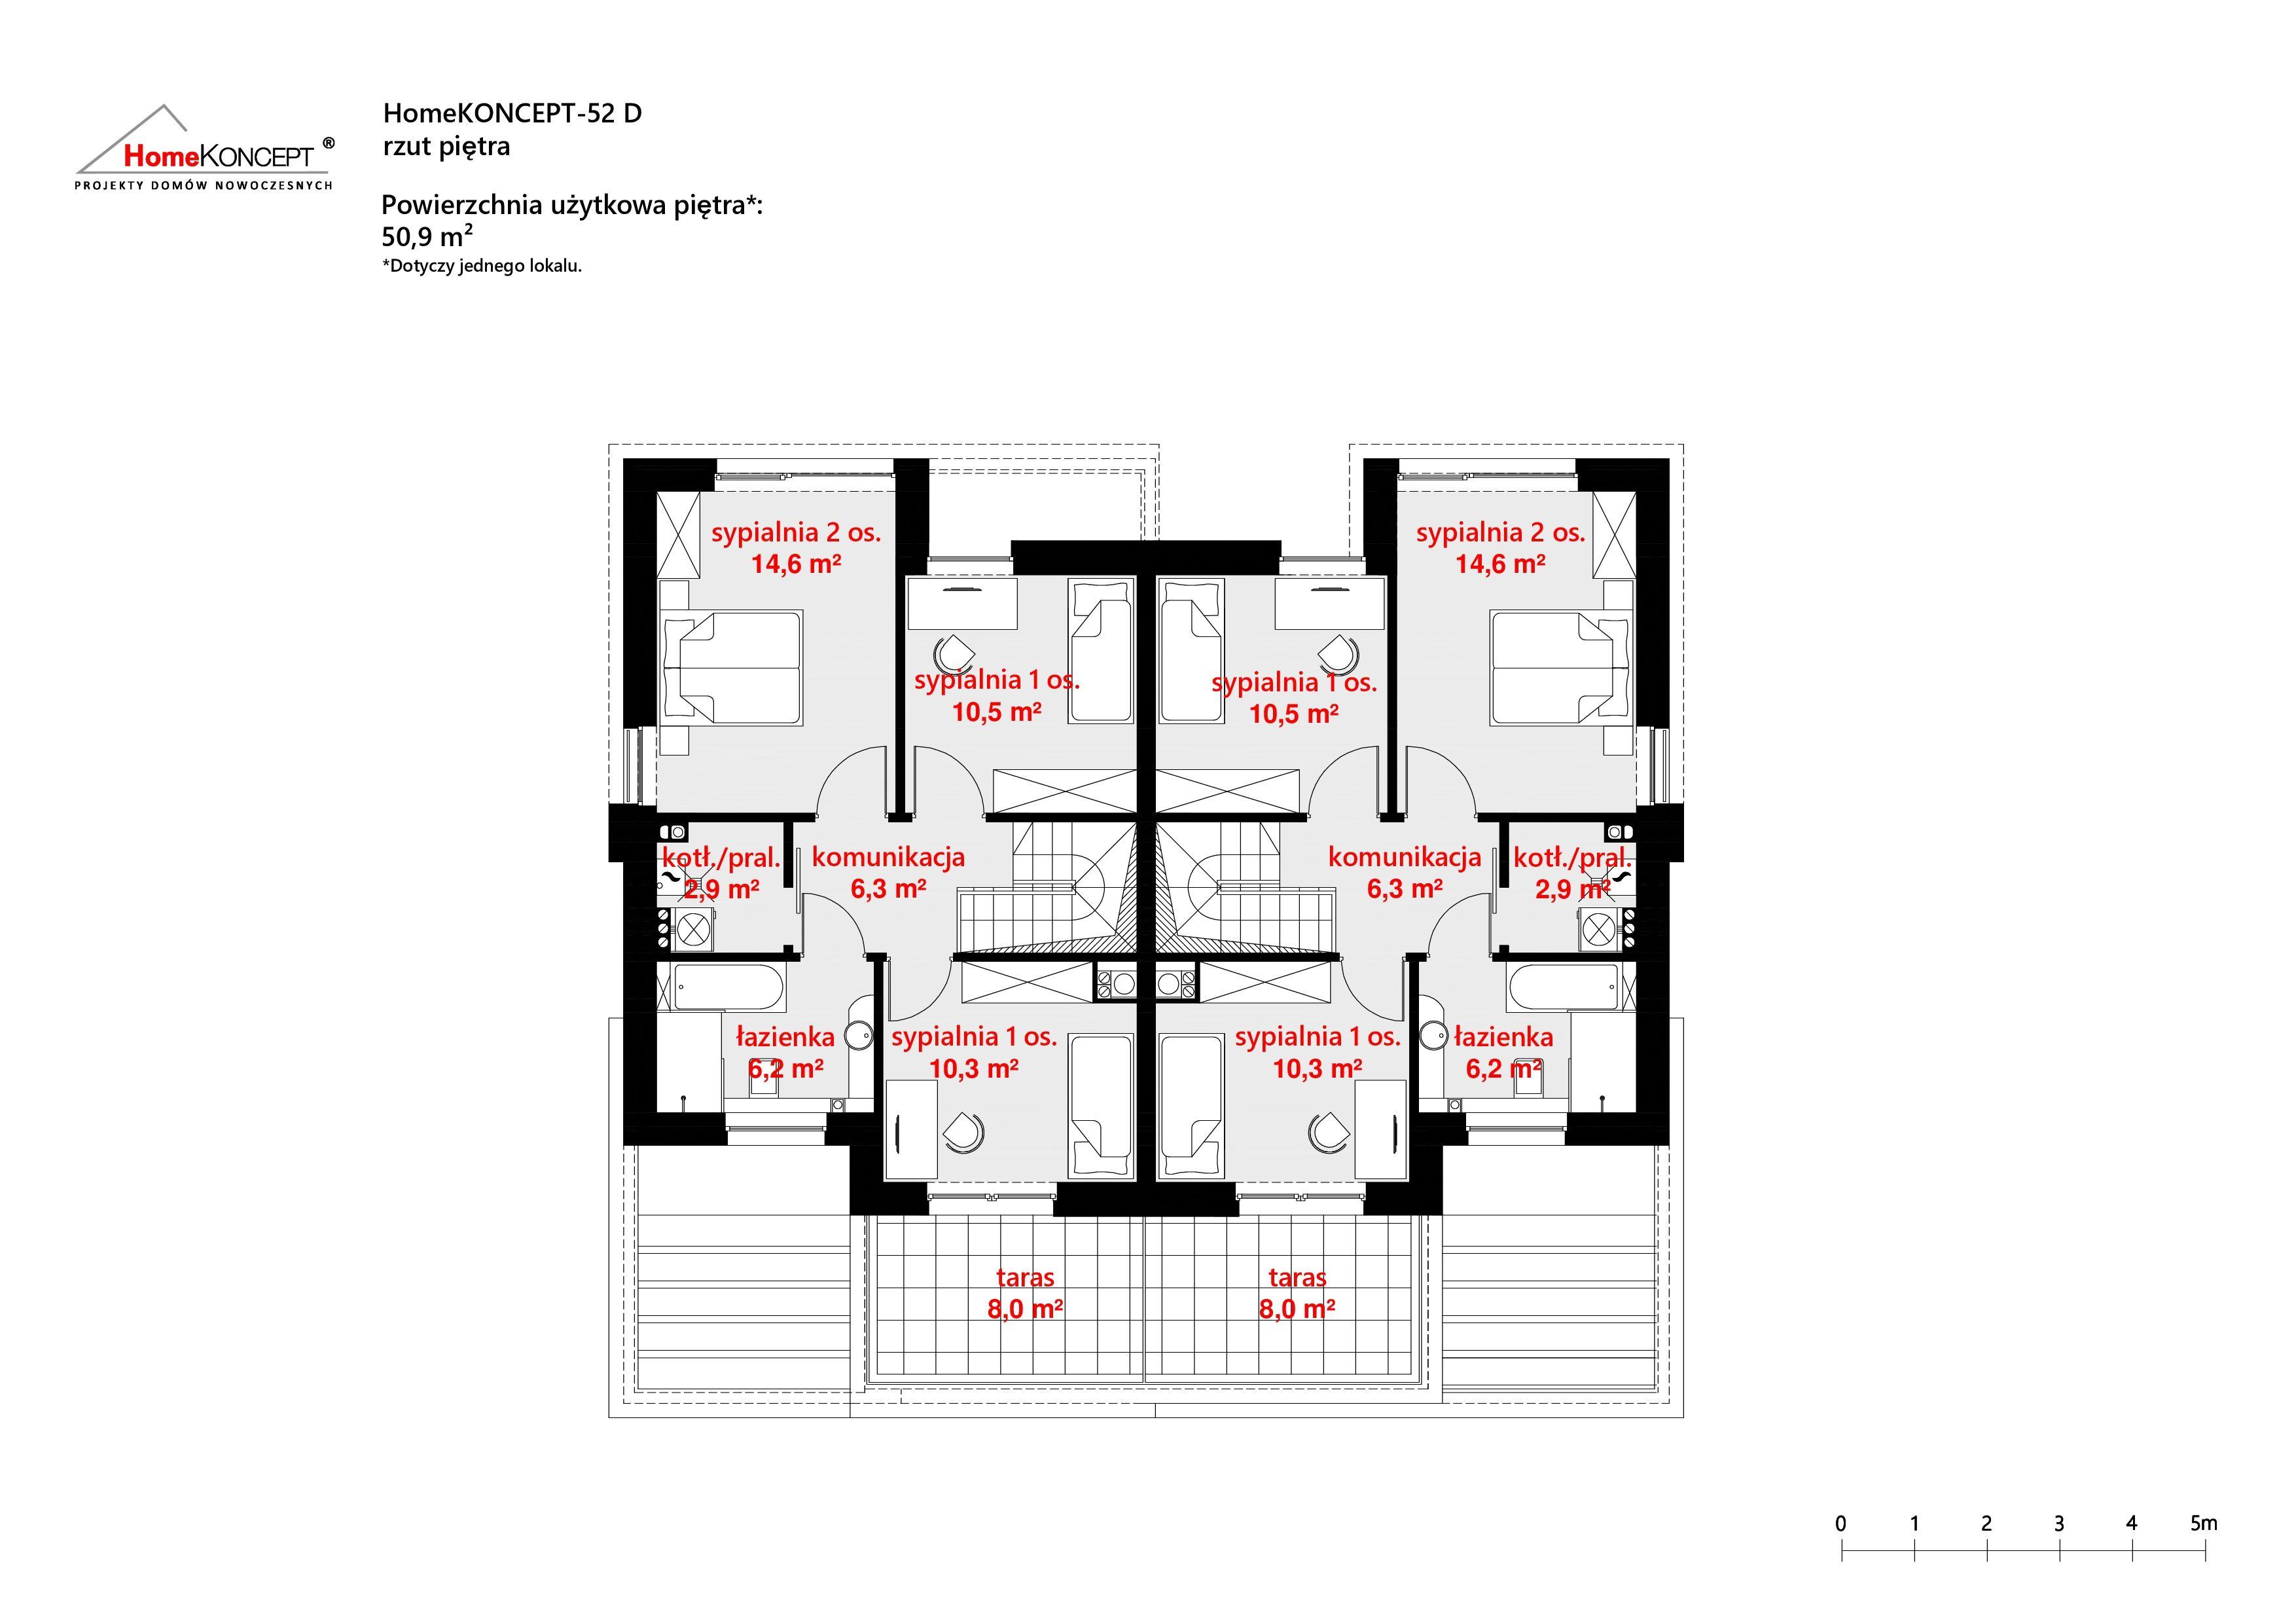 HomeKONCEPT 52 D piętro